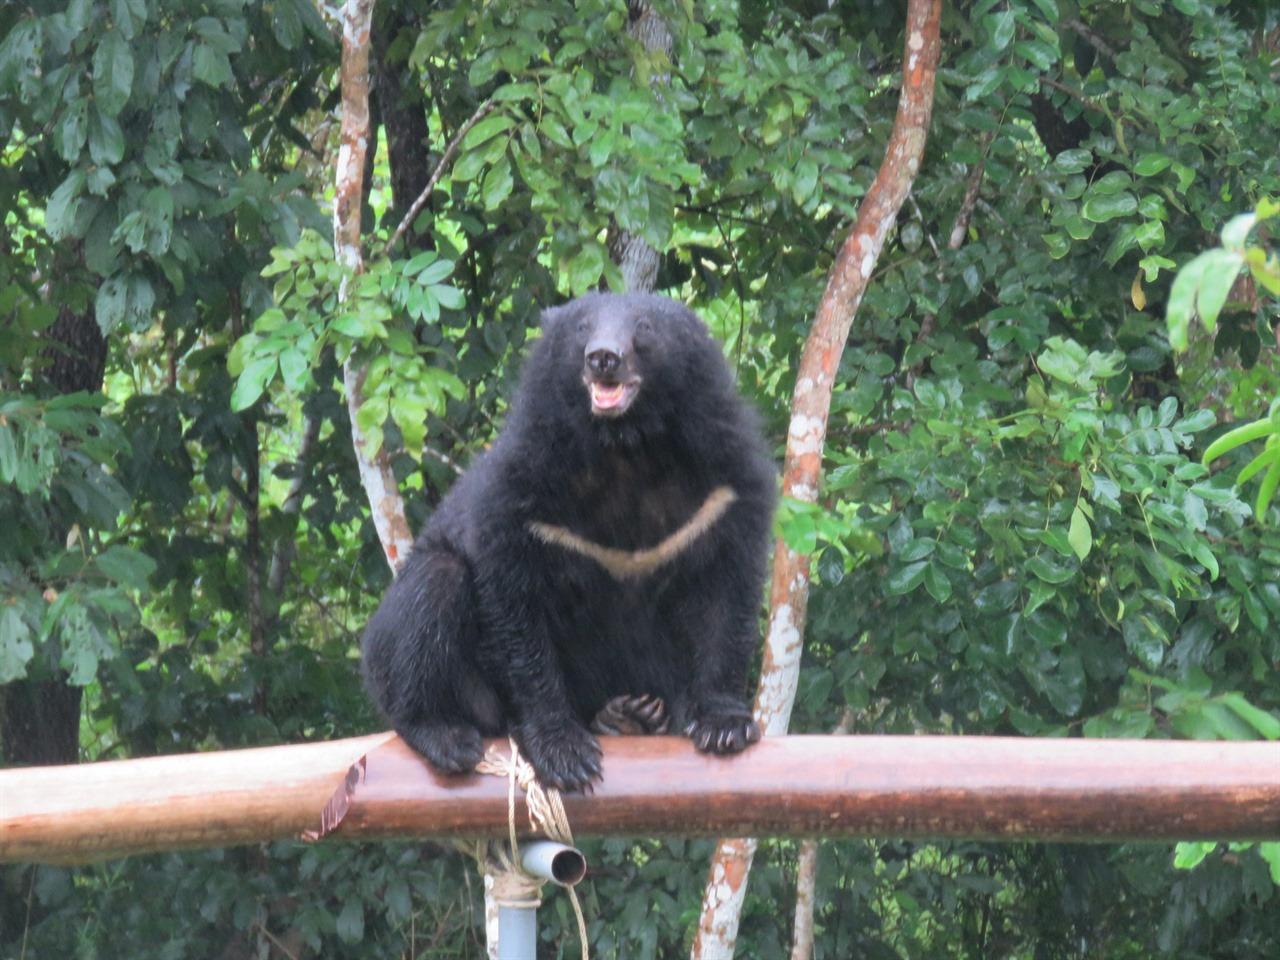 비를 마시며 즐기는 듯한 모습의 반달가슴곰